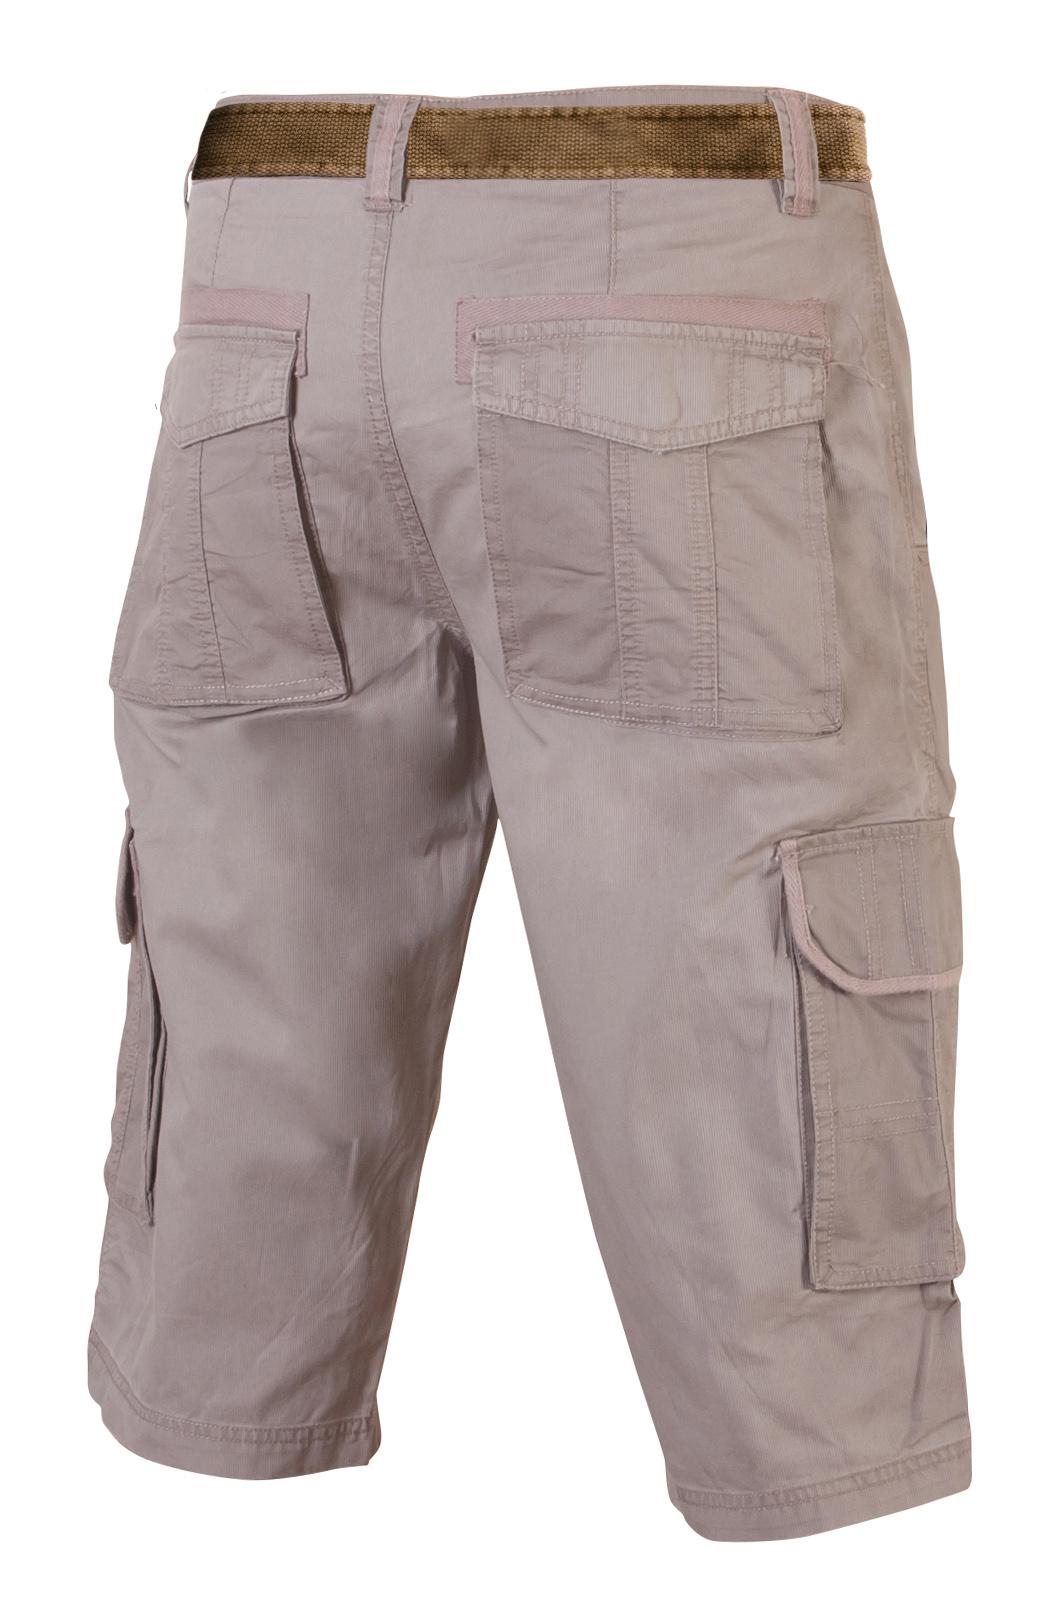 Мужские бежевые шорты - купить в интернет-магазине